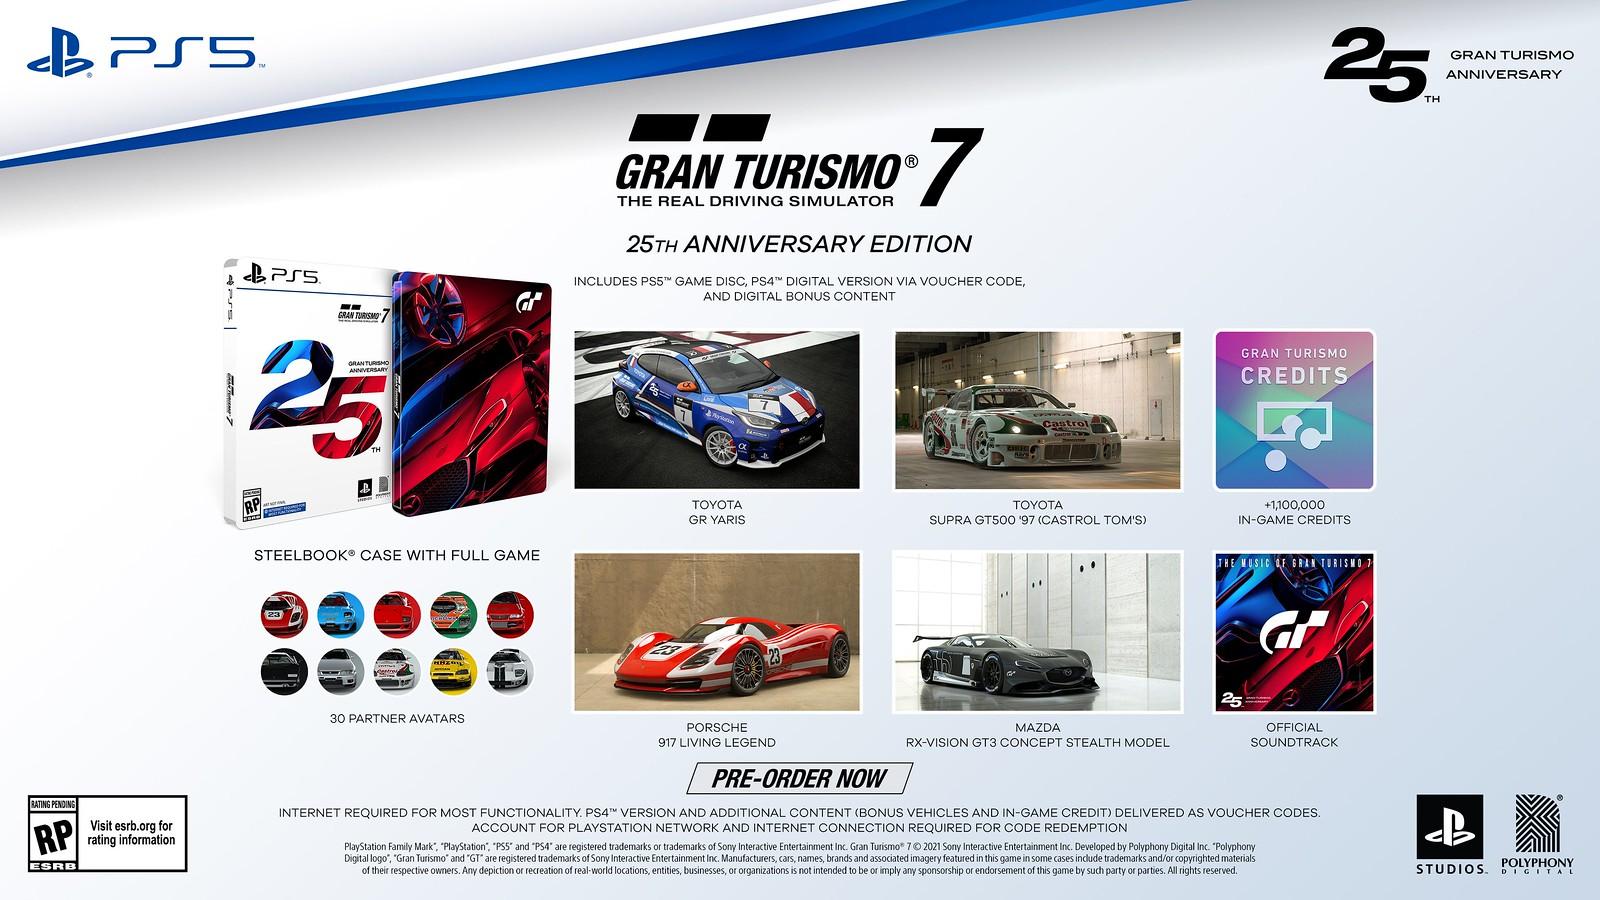 Gran Turismo 7 muestra su edición de 25 aniversario 1